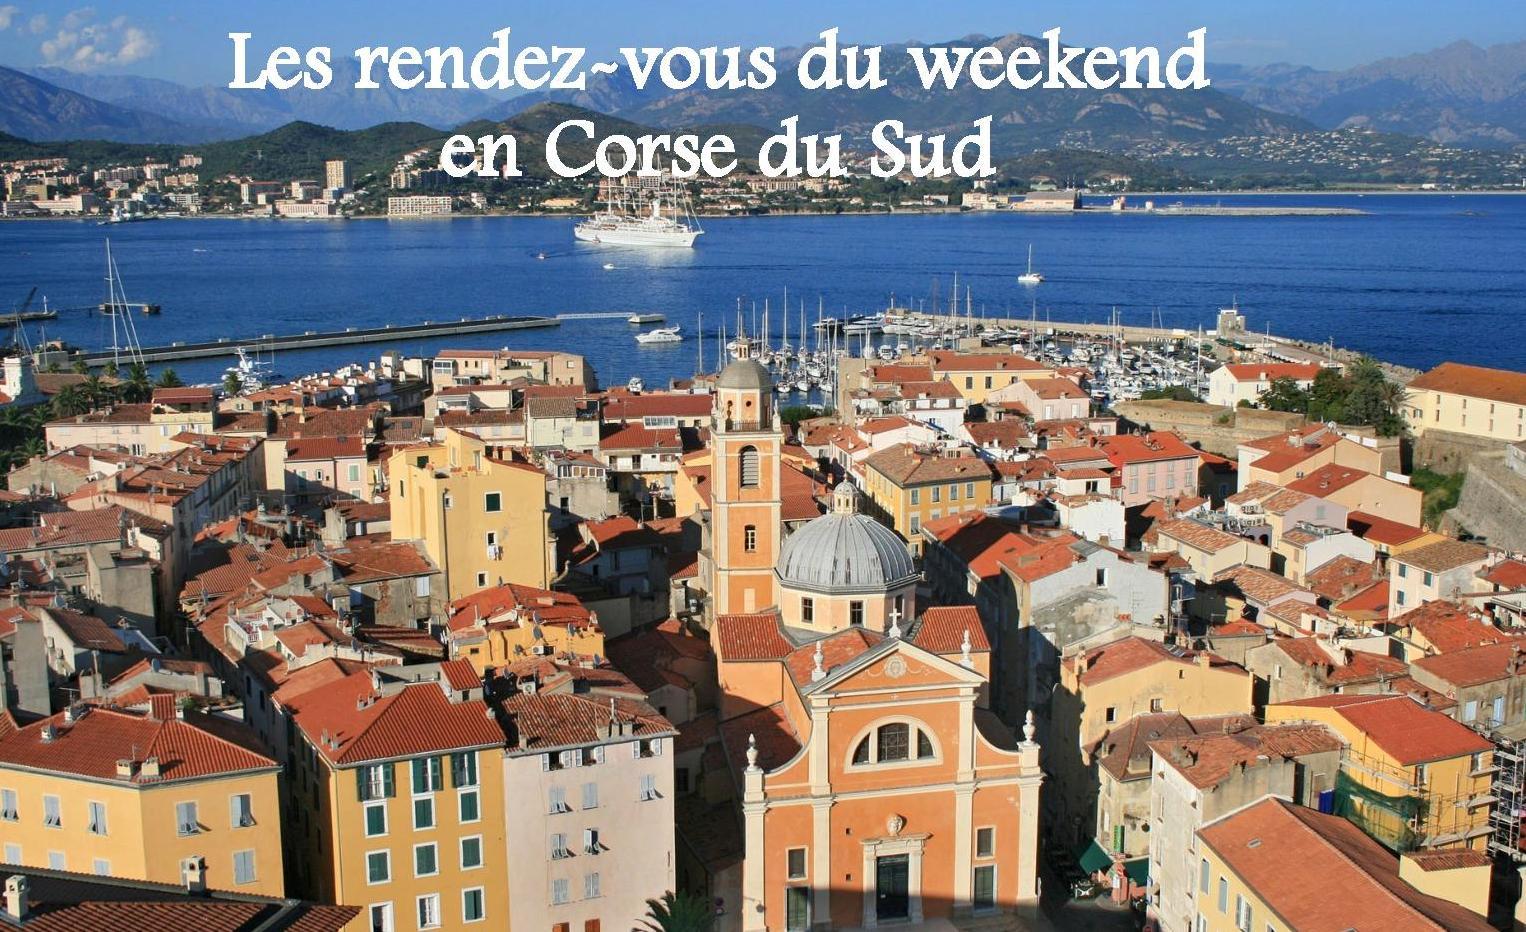 6 bonnes raisons pour aimer le week-end : nos idées de sortie en Corse du Sud